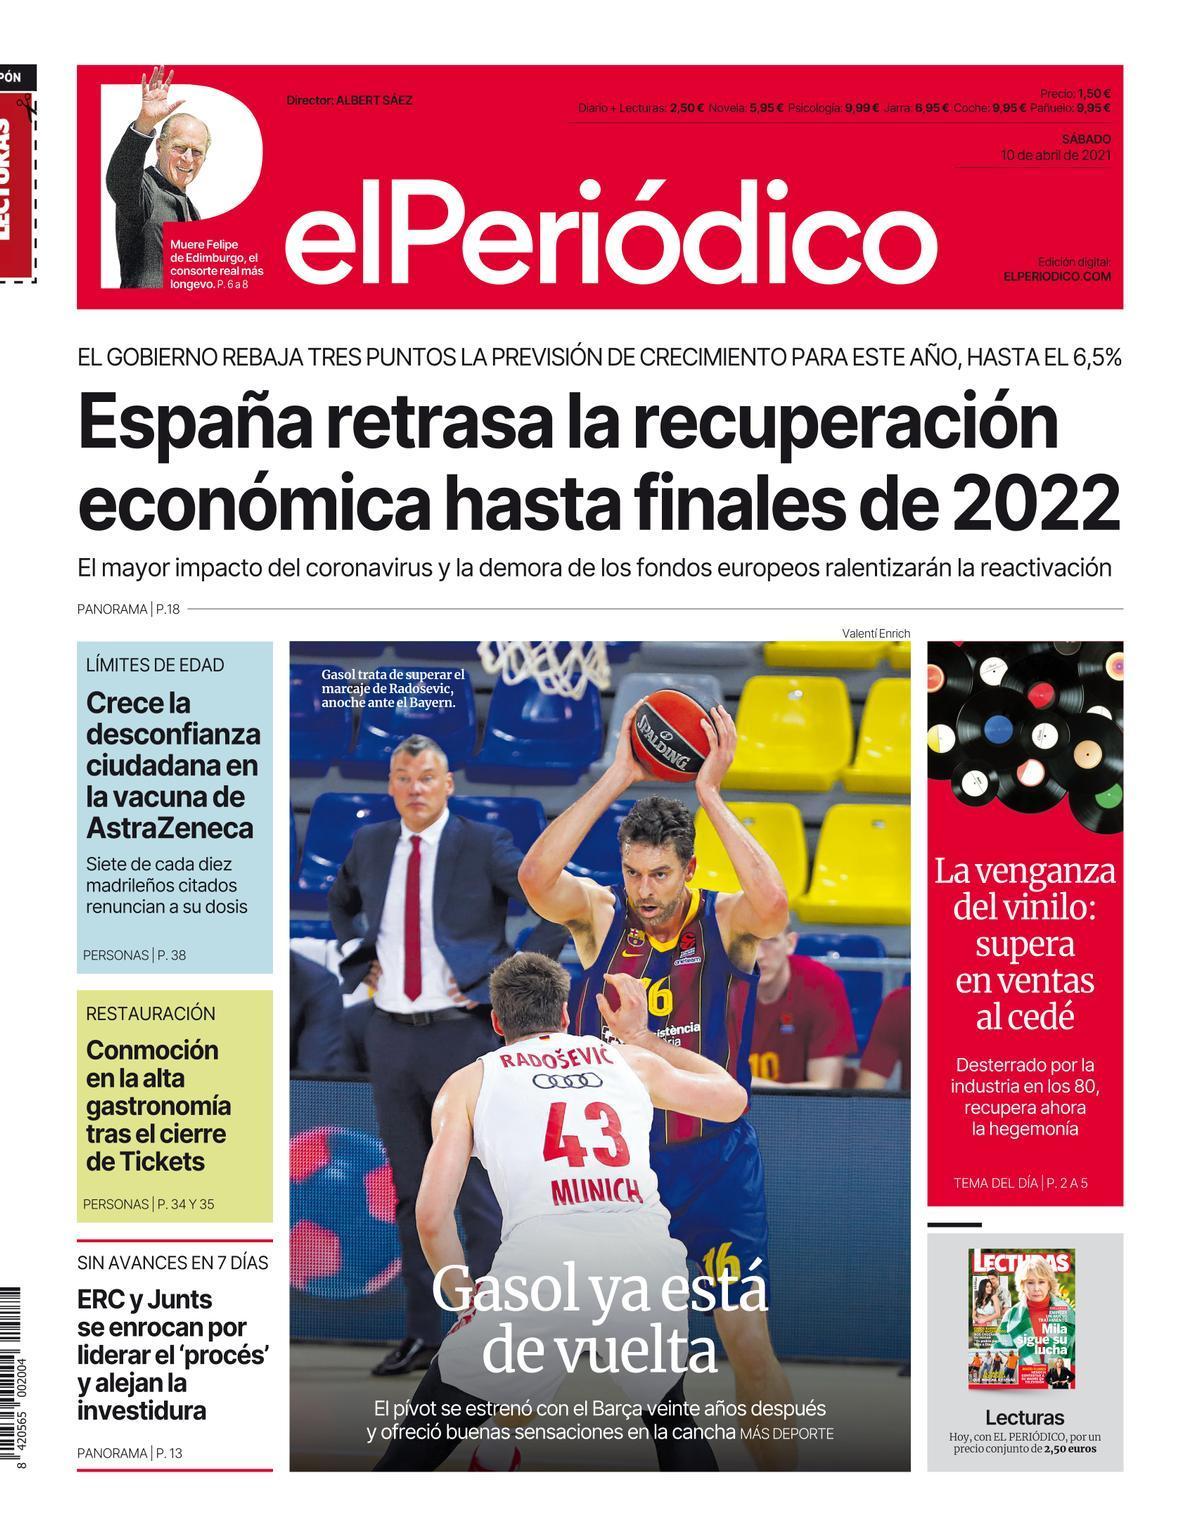 La portada de EL PERIÓDICO del 10 de abril de 2021